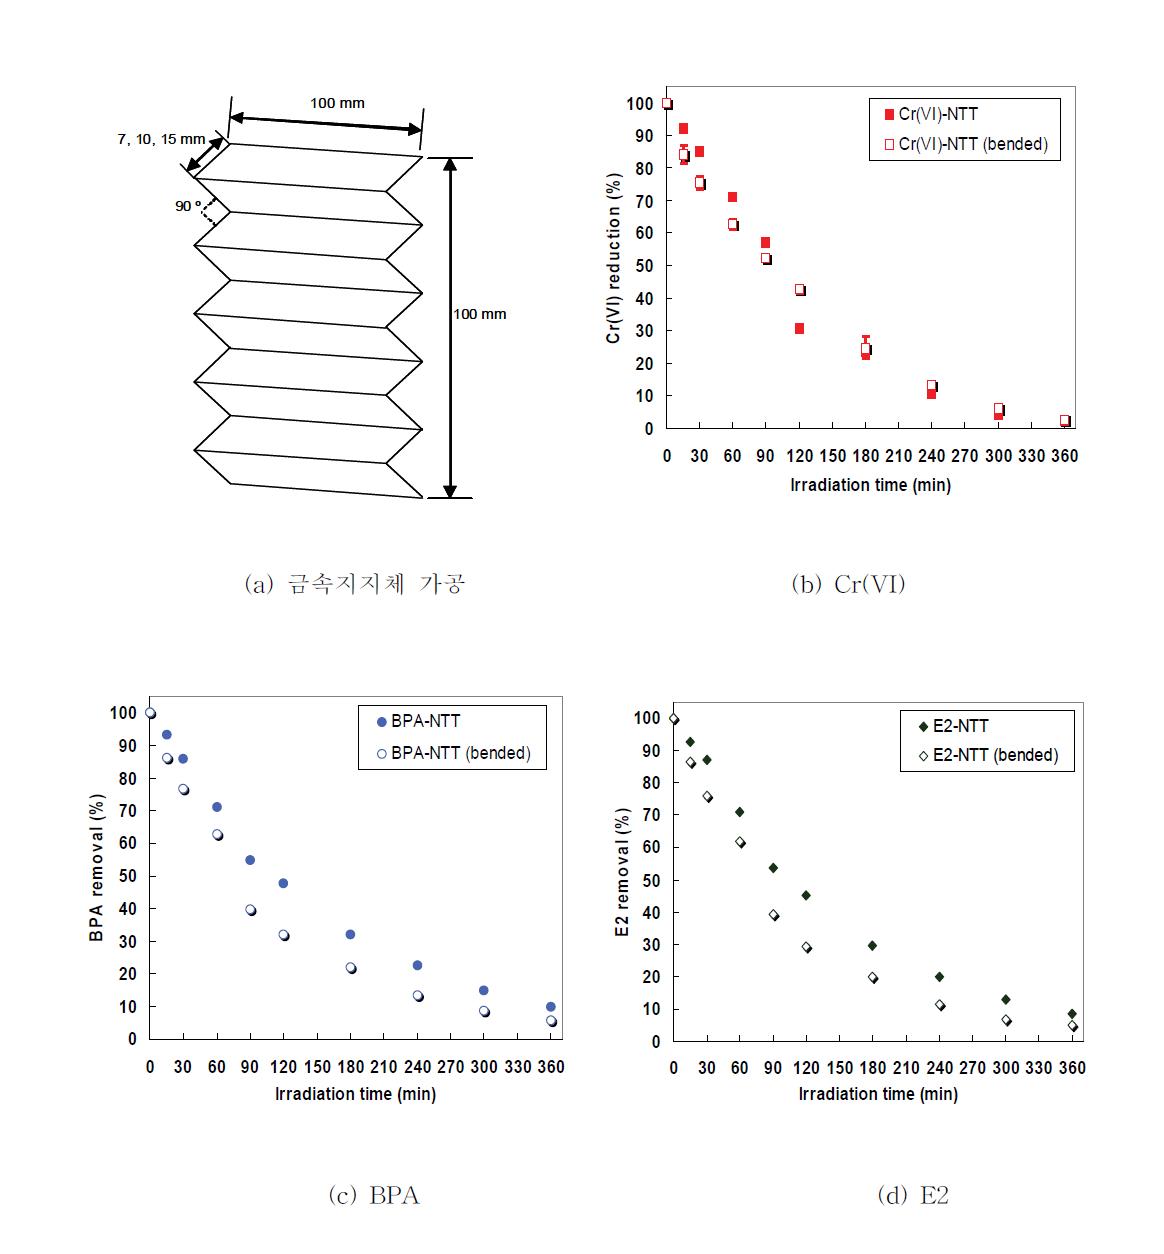 금속지지체 가공에 의한 처리효율 비교